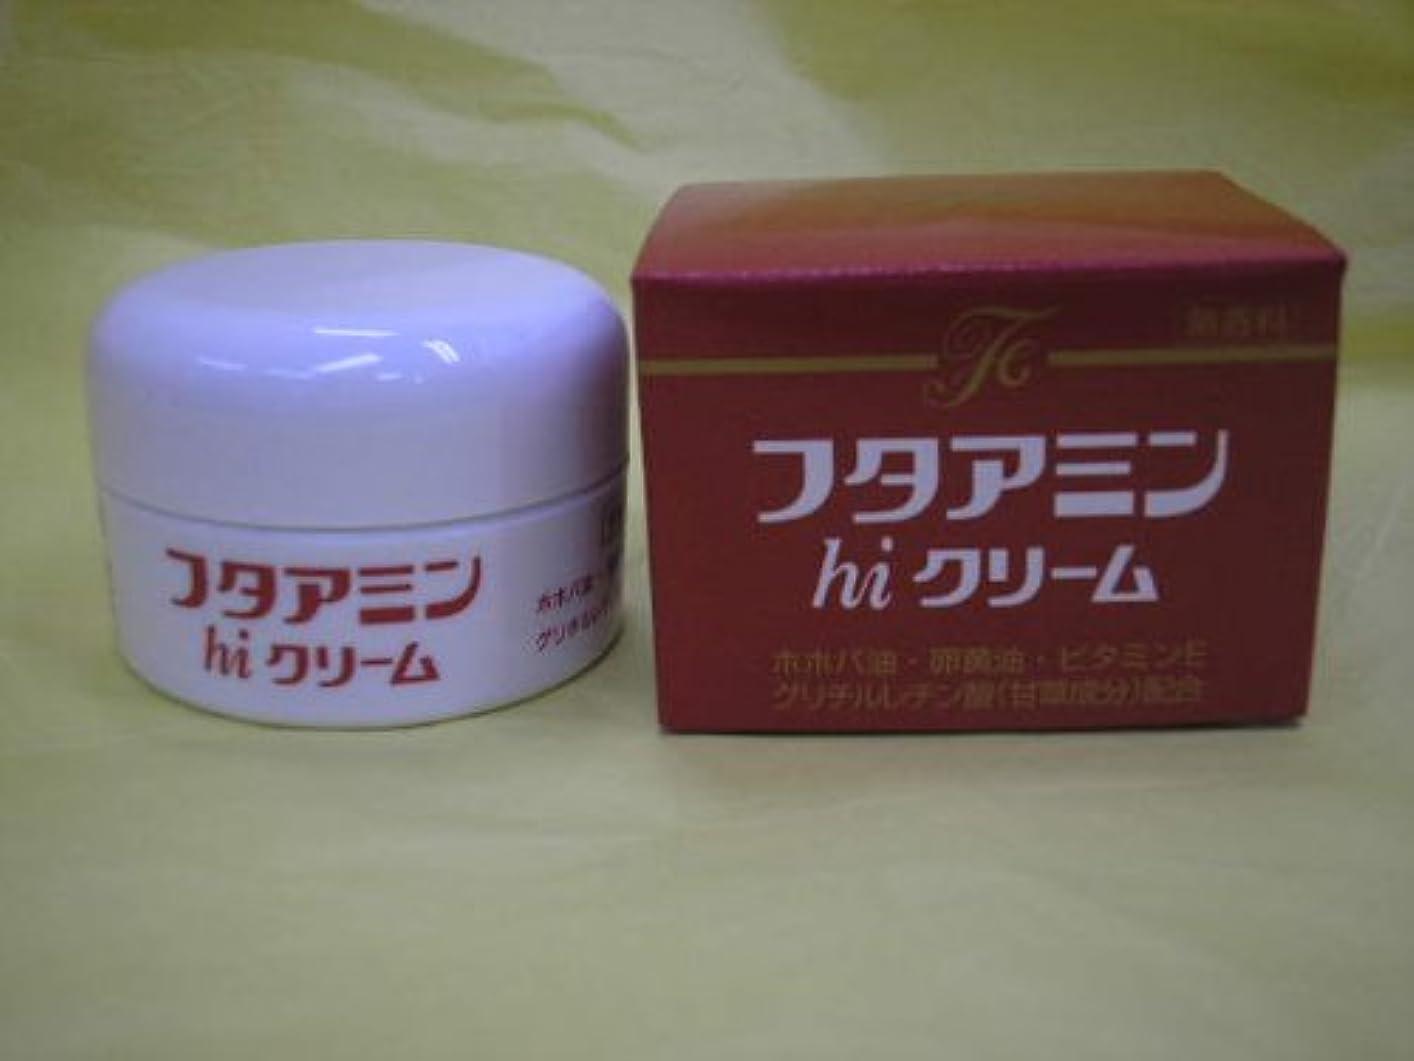 固有のリンケージ胸フタアミンhiクリーム 55g(無香料)医薬部外品